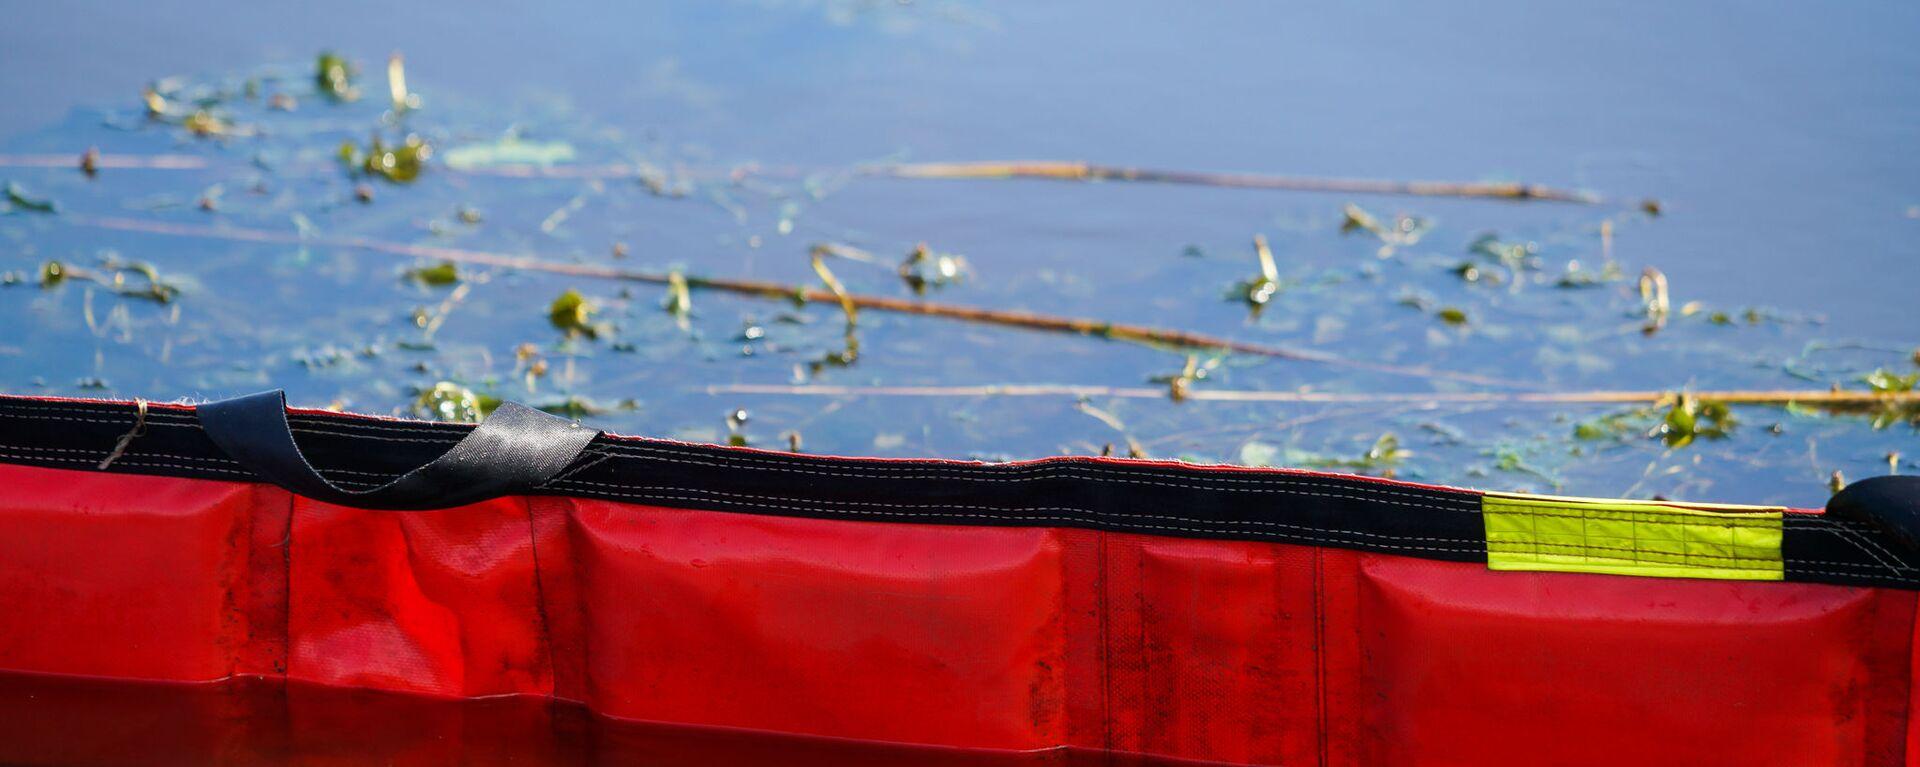 Учения Латвийской пожарно-спасательной службы по устранению разлива нефтепродуктов на воде - Sputnik Латвия, 1920, 15.07.2021